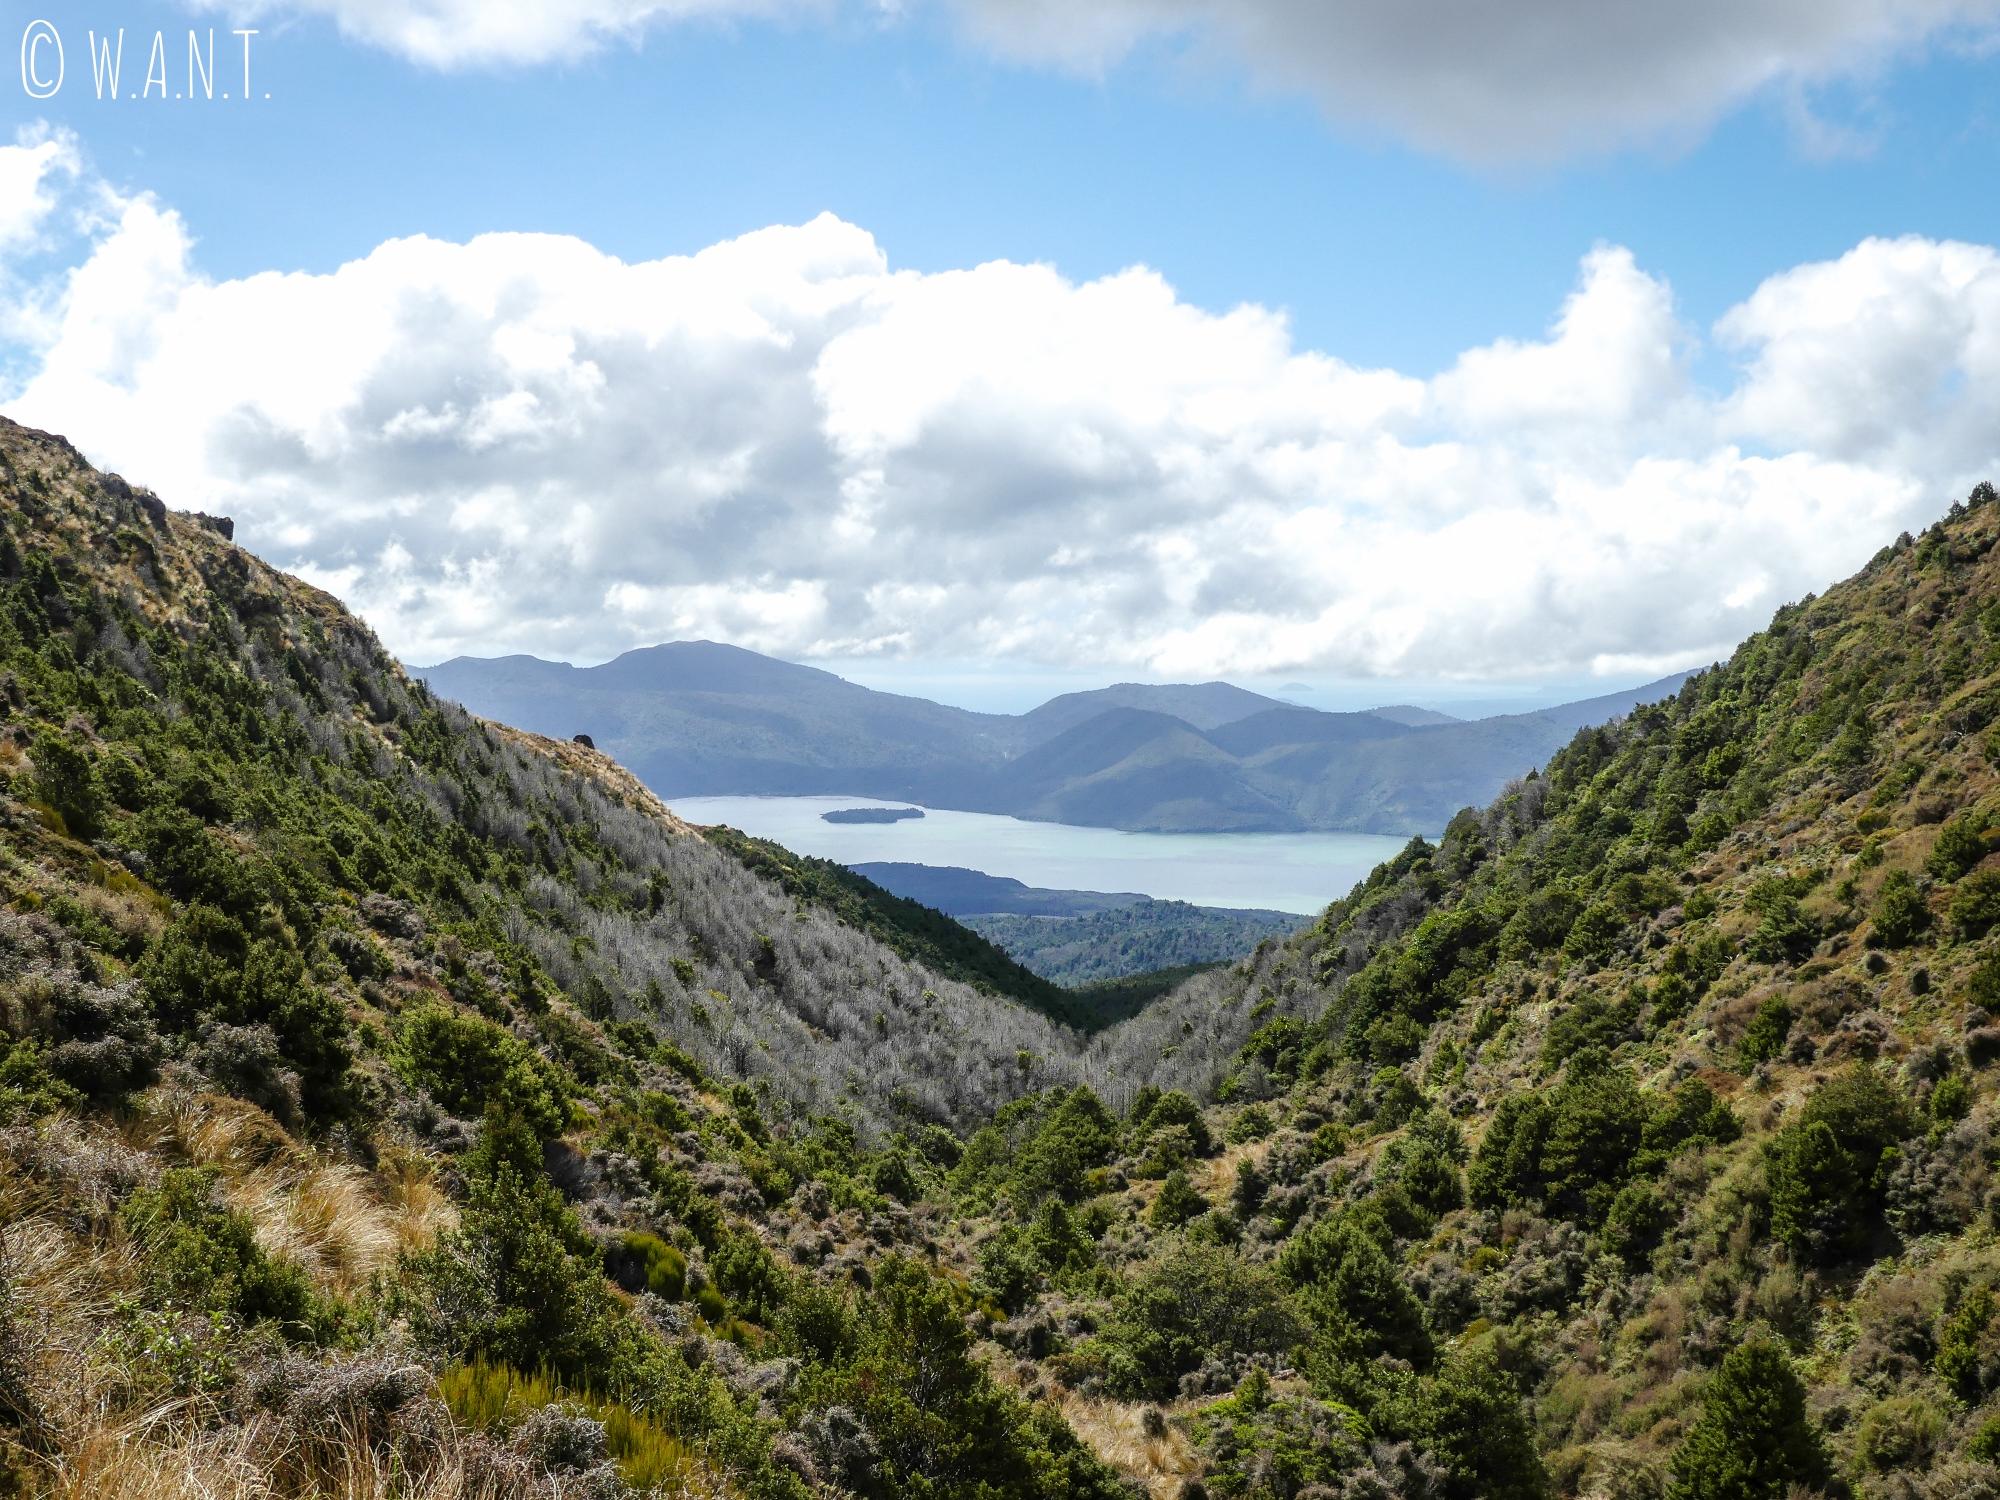 Vue sur le lac Taupo dans la dernière portion de la randonnée « Tongariro Alpine Crossing » en Nouvelle-Zélande